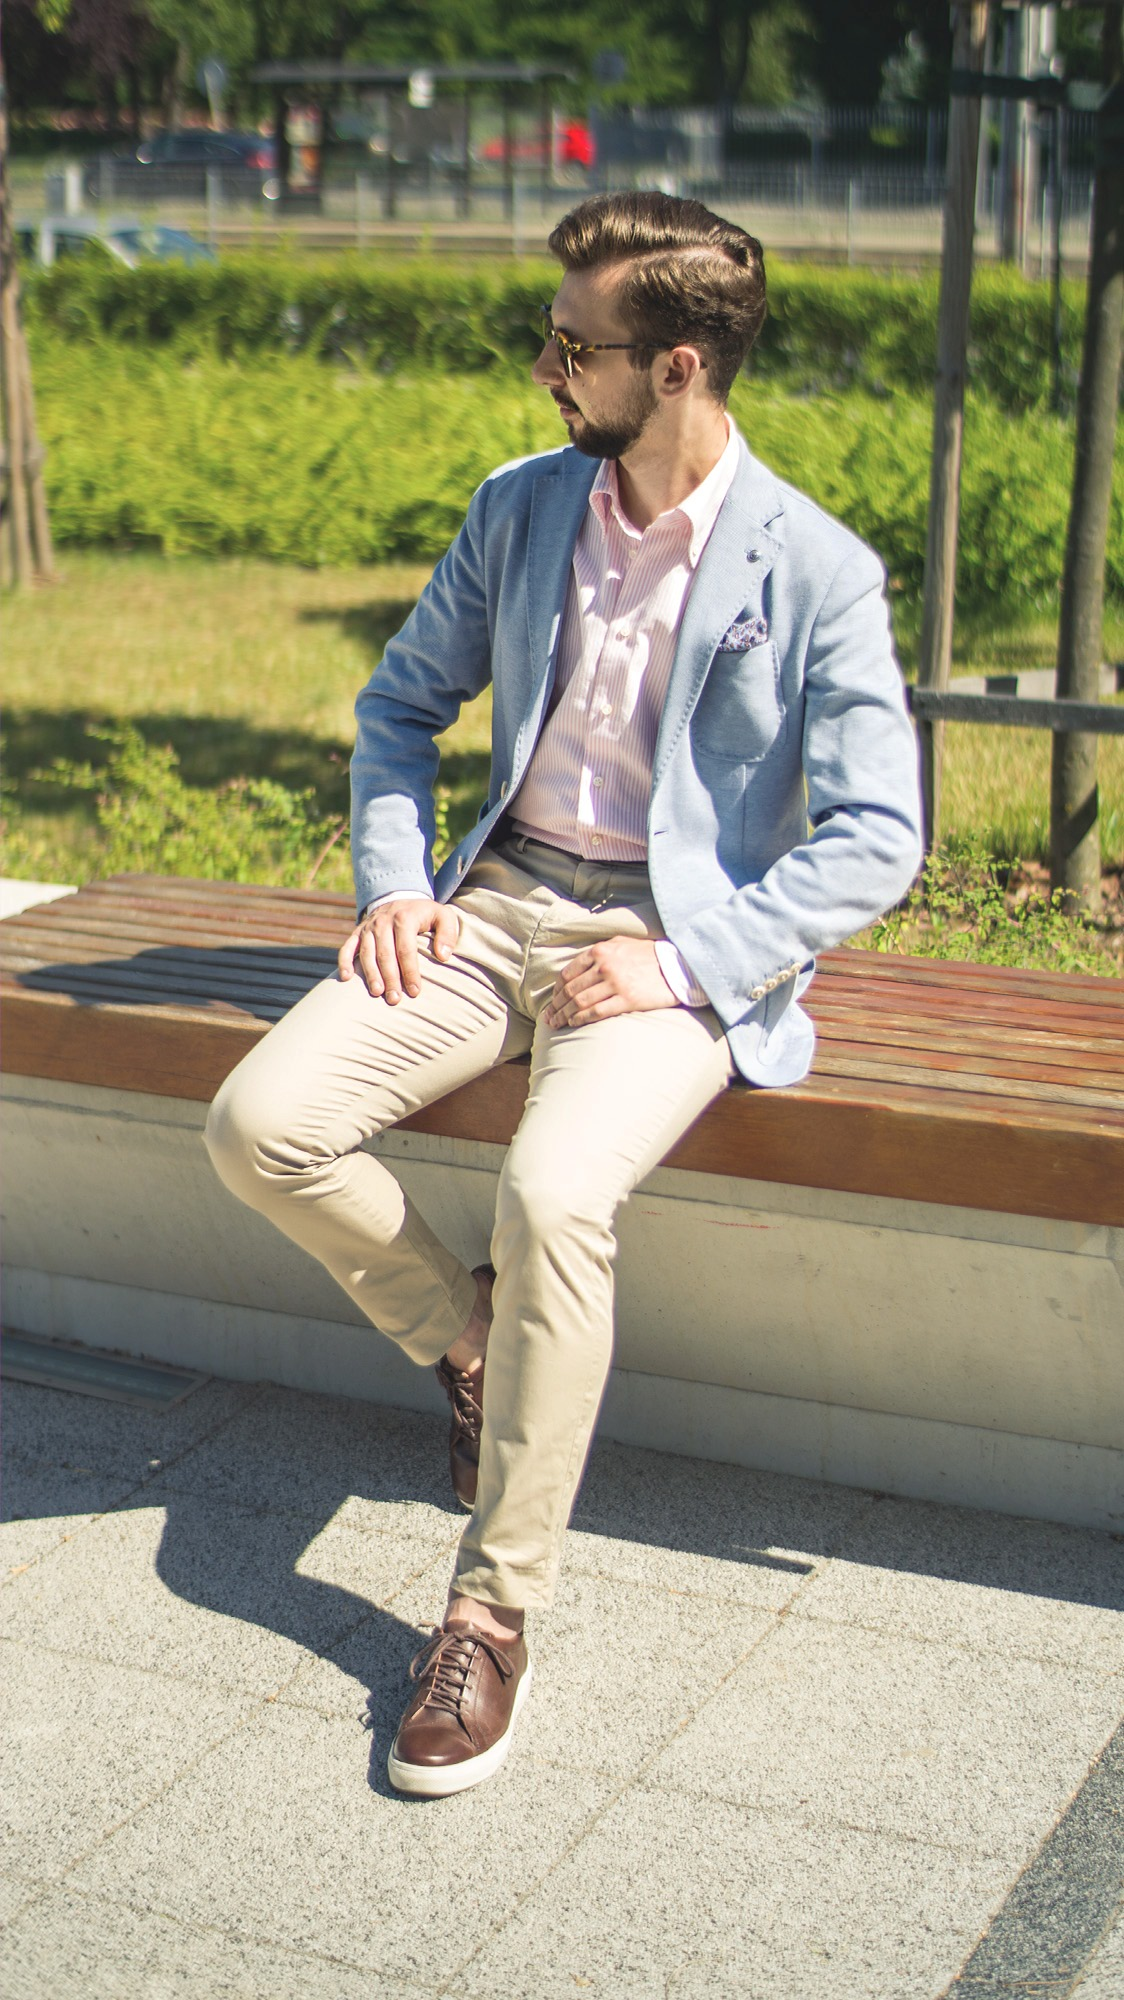 6df0f86a554c7 błękitna laguna dandy błękitna marynarka różowa koszula ocbd beżowe spodnie  ...